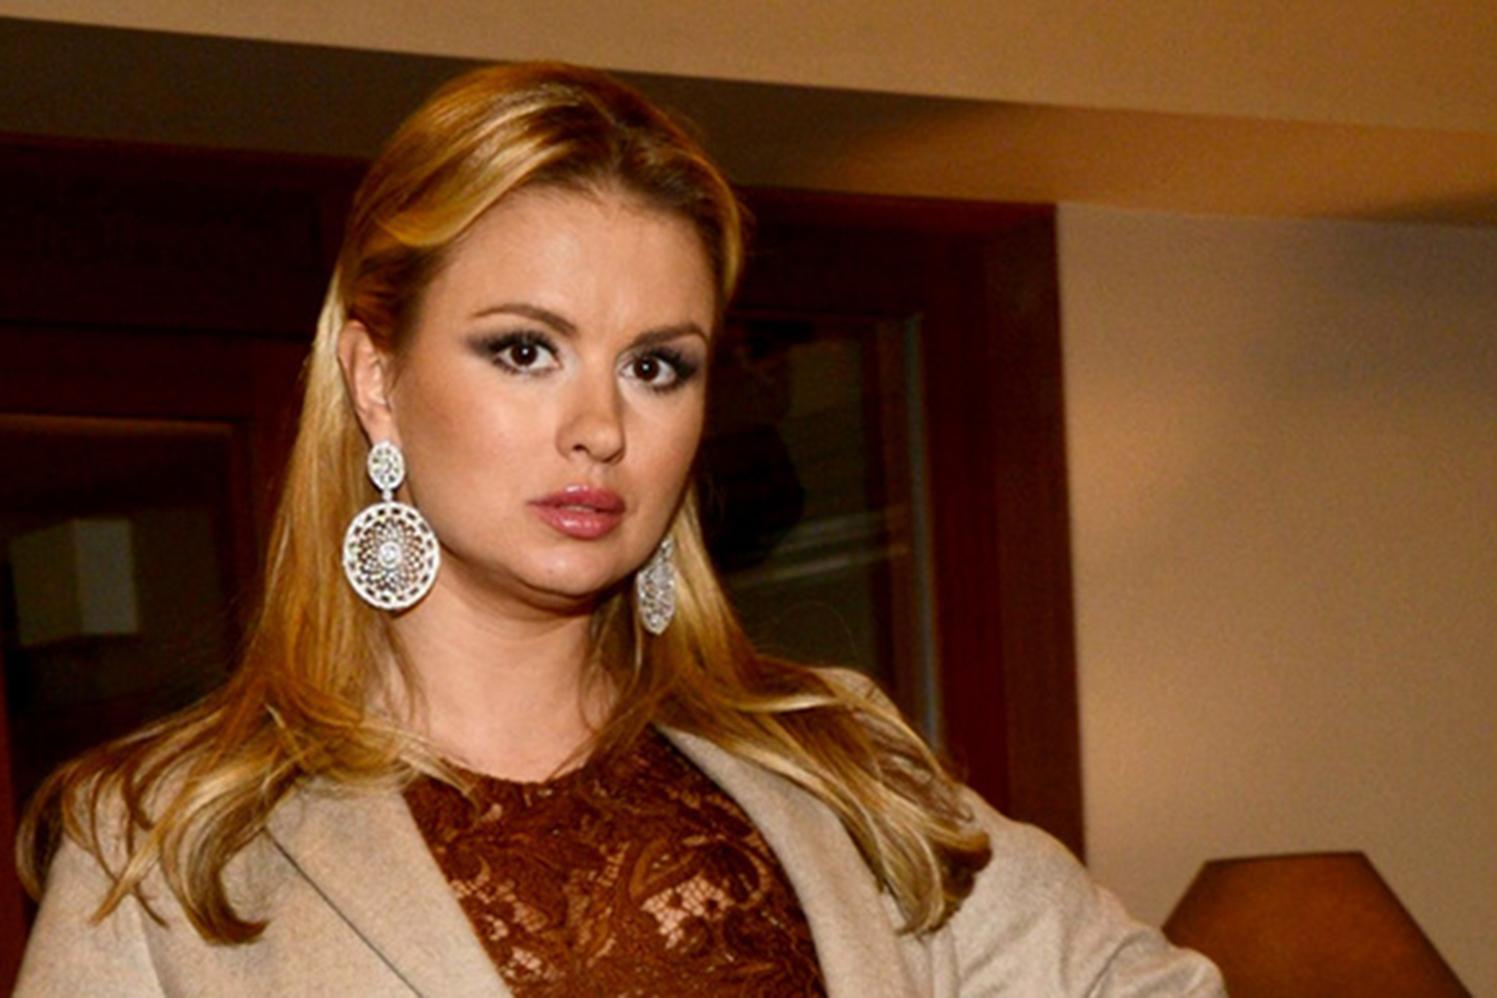 Прно с анной семяновичь, Анна семенович домашнее порно видео смотреть 2 фотография